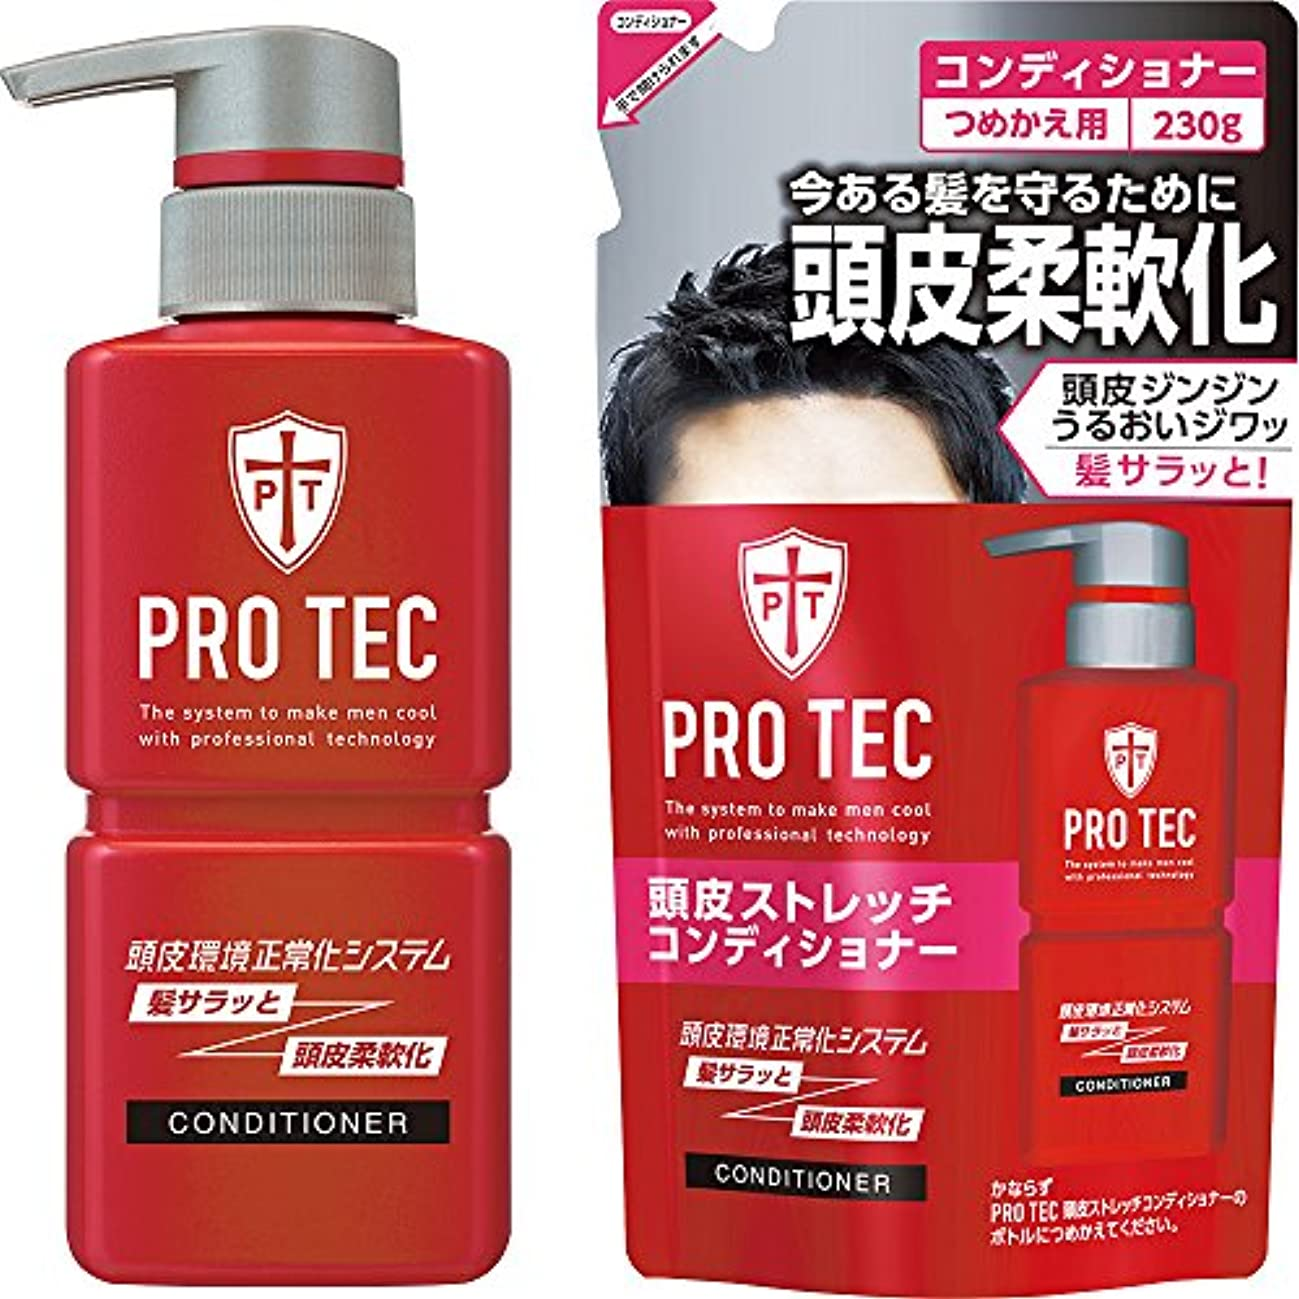 十代の若者たちリクルート唇PRO TEC(プロテク) 頭皮ストレッチコンディショナー 本体ポンプ300g+詰め替え230g セット(医薬部外品)